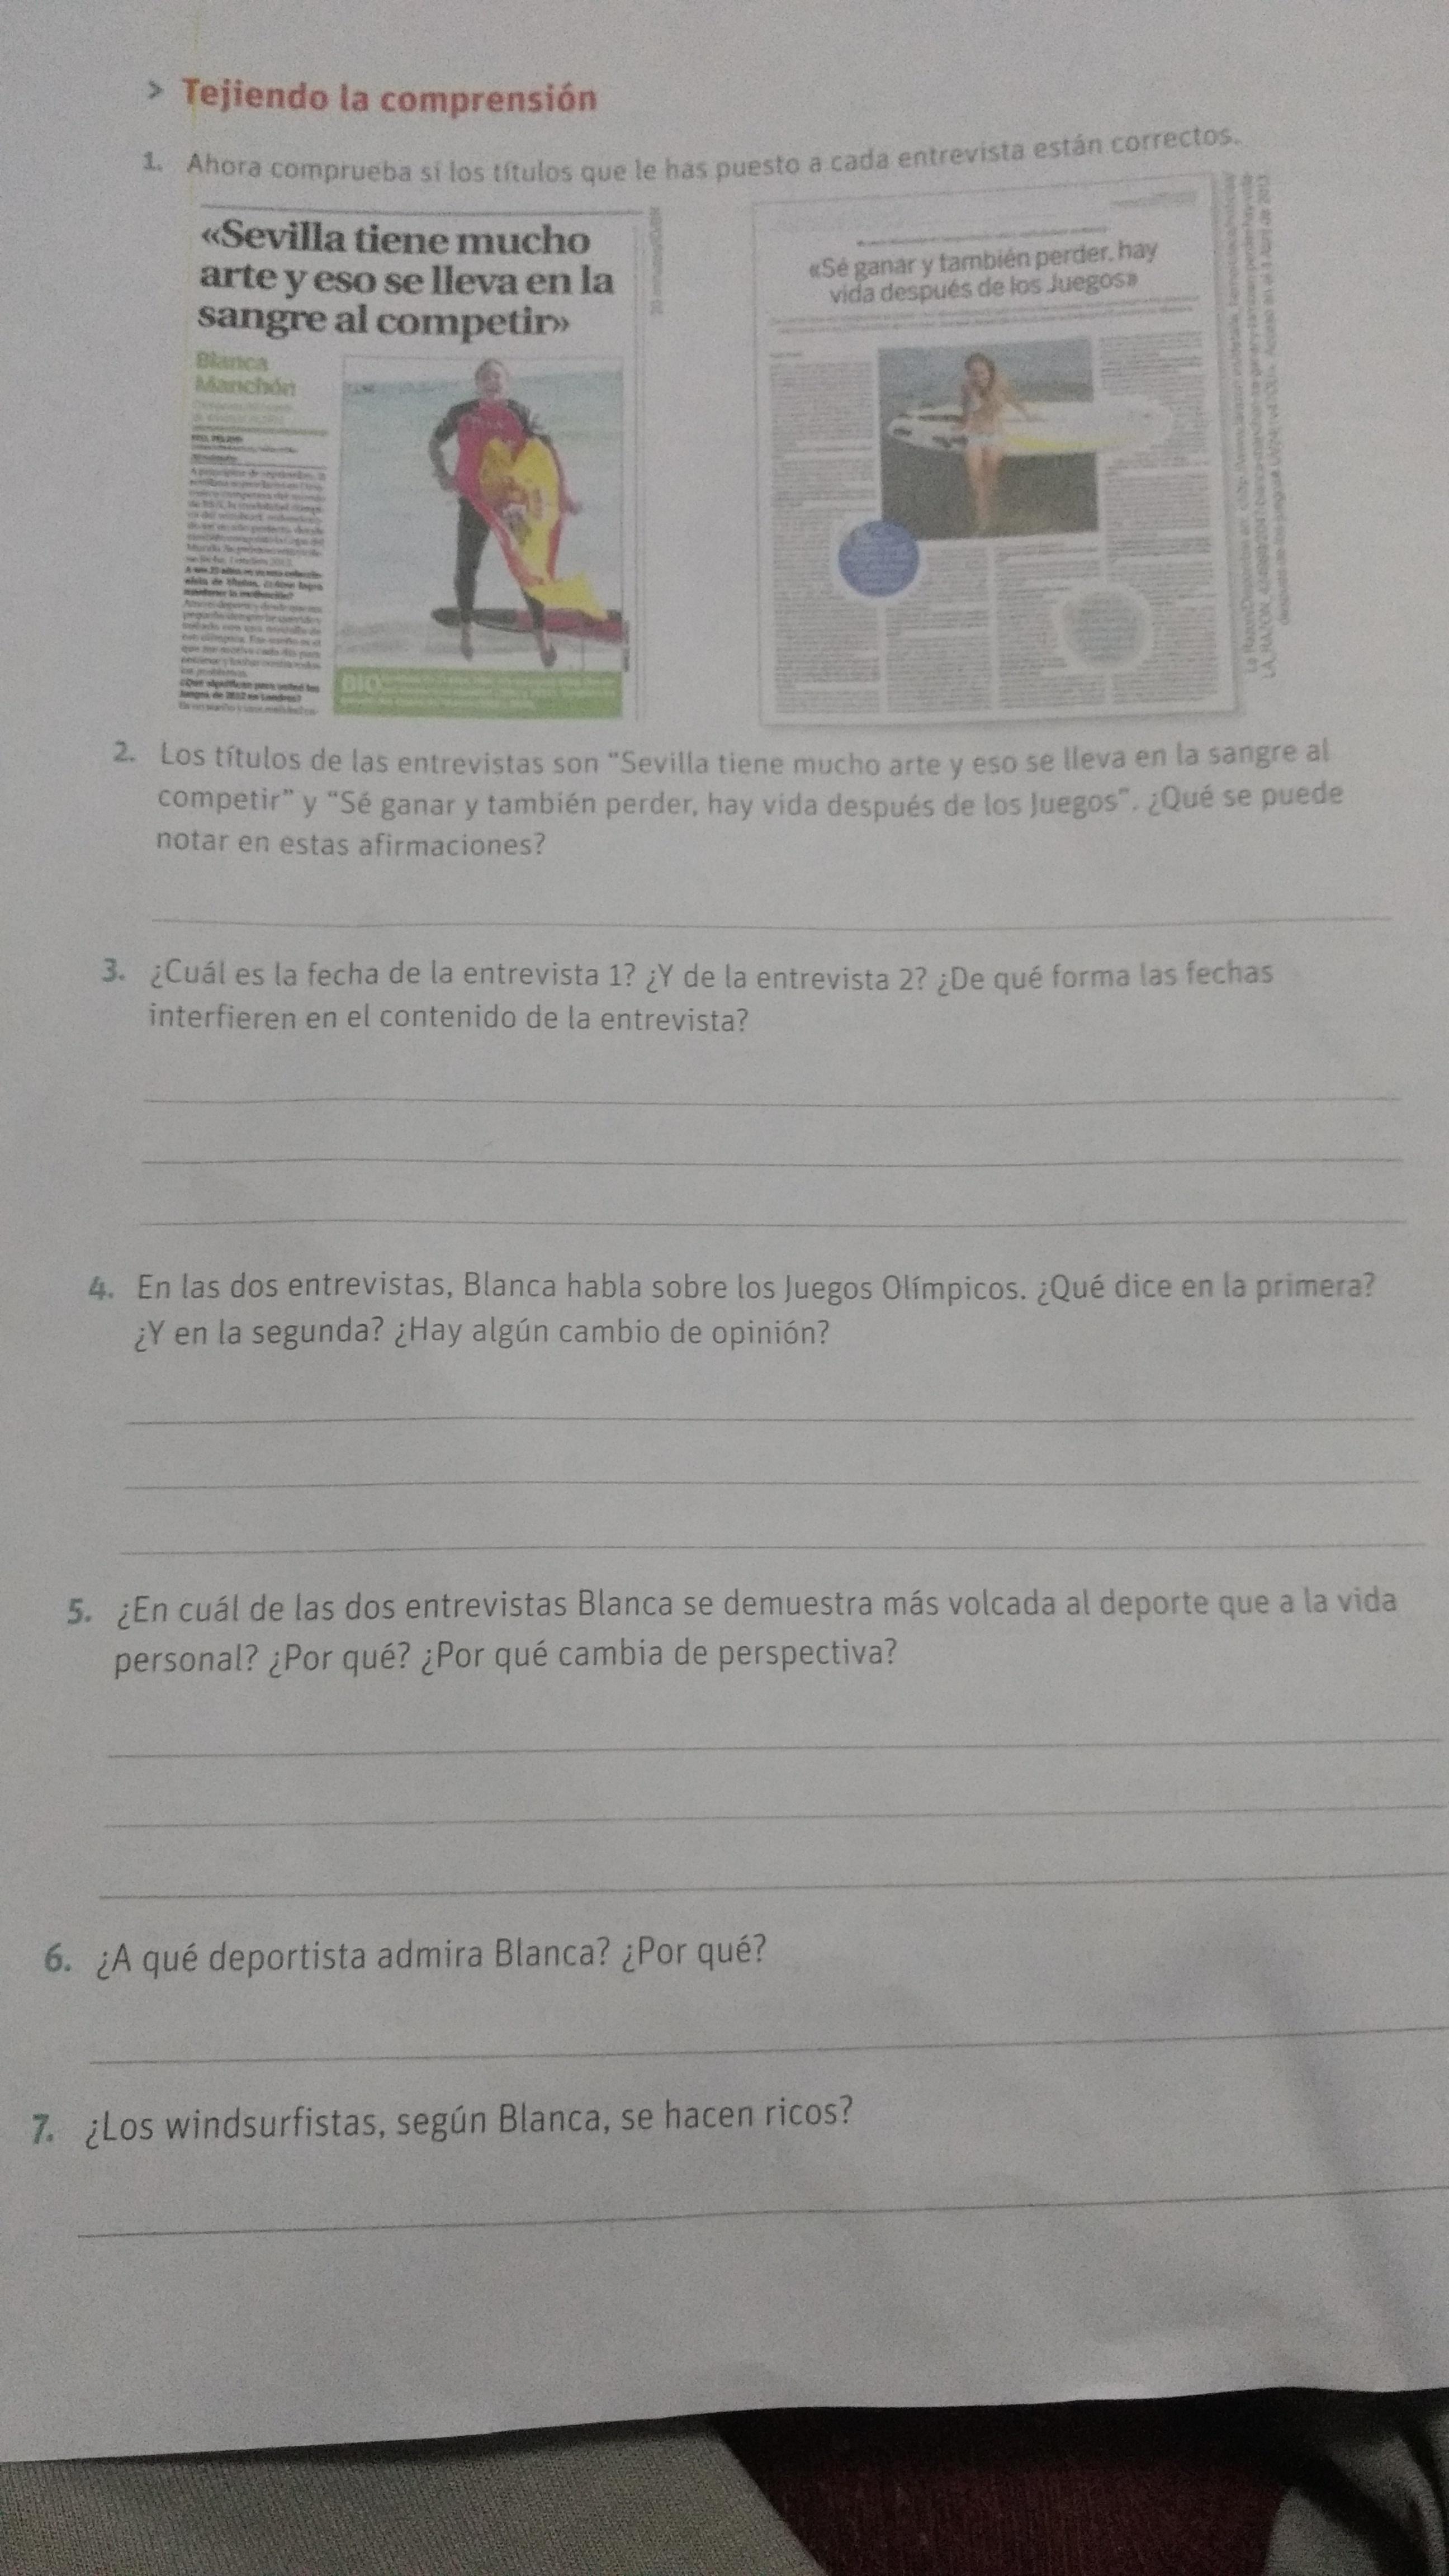 Traducao De Perguntas E Respostas Brainly Com Br